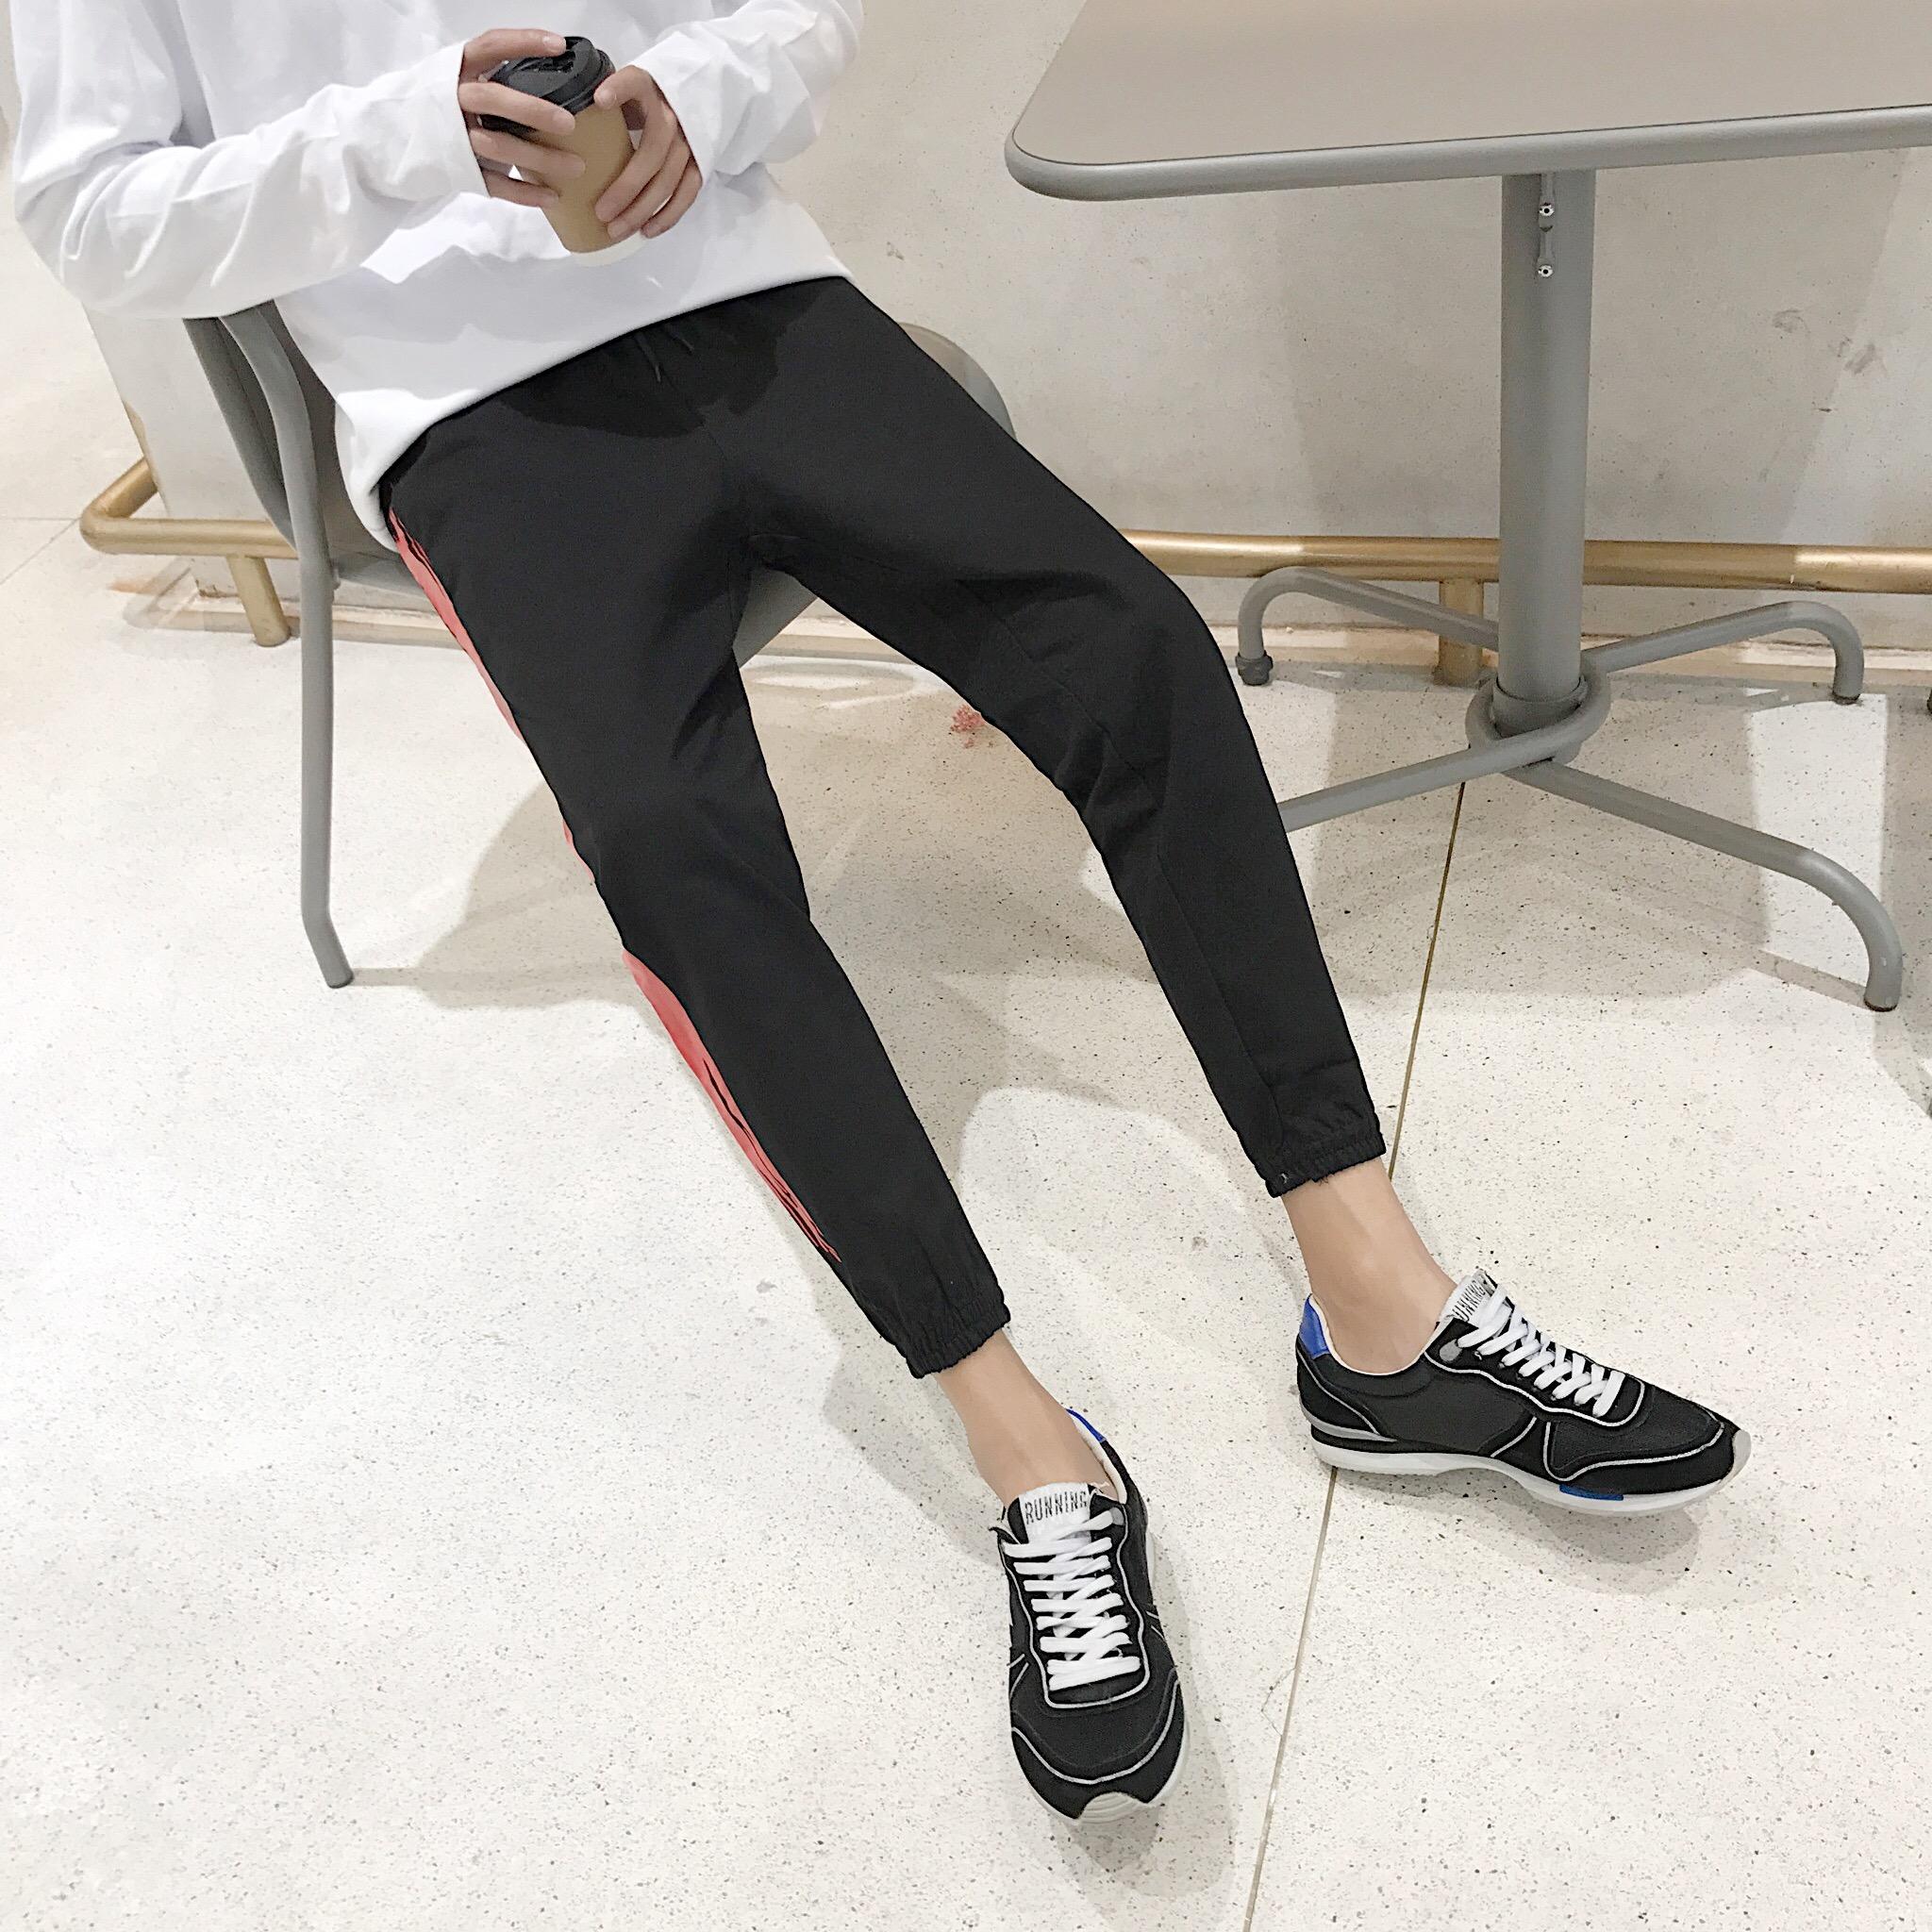 Mới chín điểm quần âu người đàn ông Hàn Quốc phiên bản của xu hướng thể thao quần lỏng chân hoang dã sinh viên cá tính quần harem